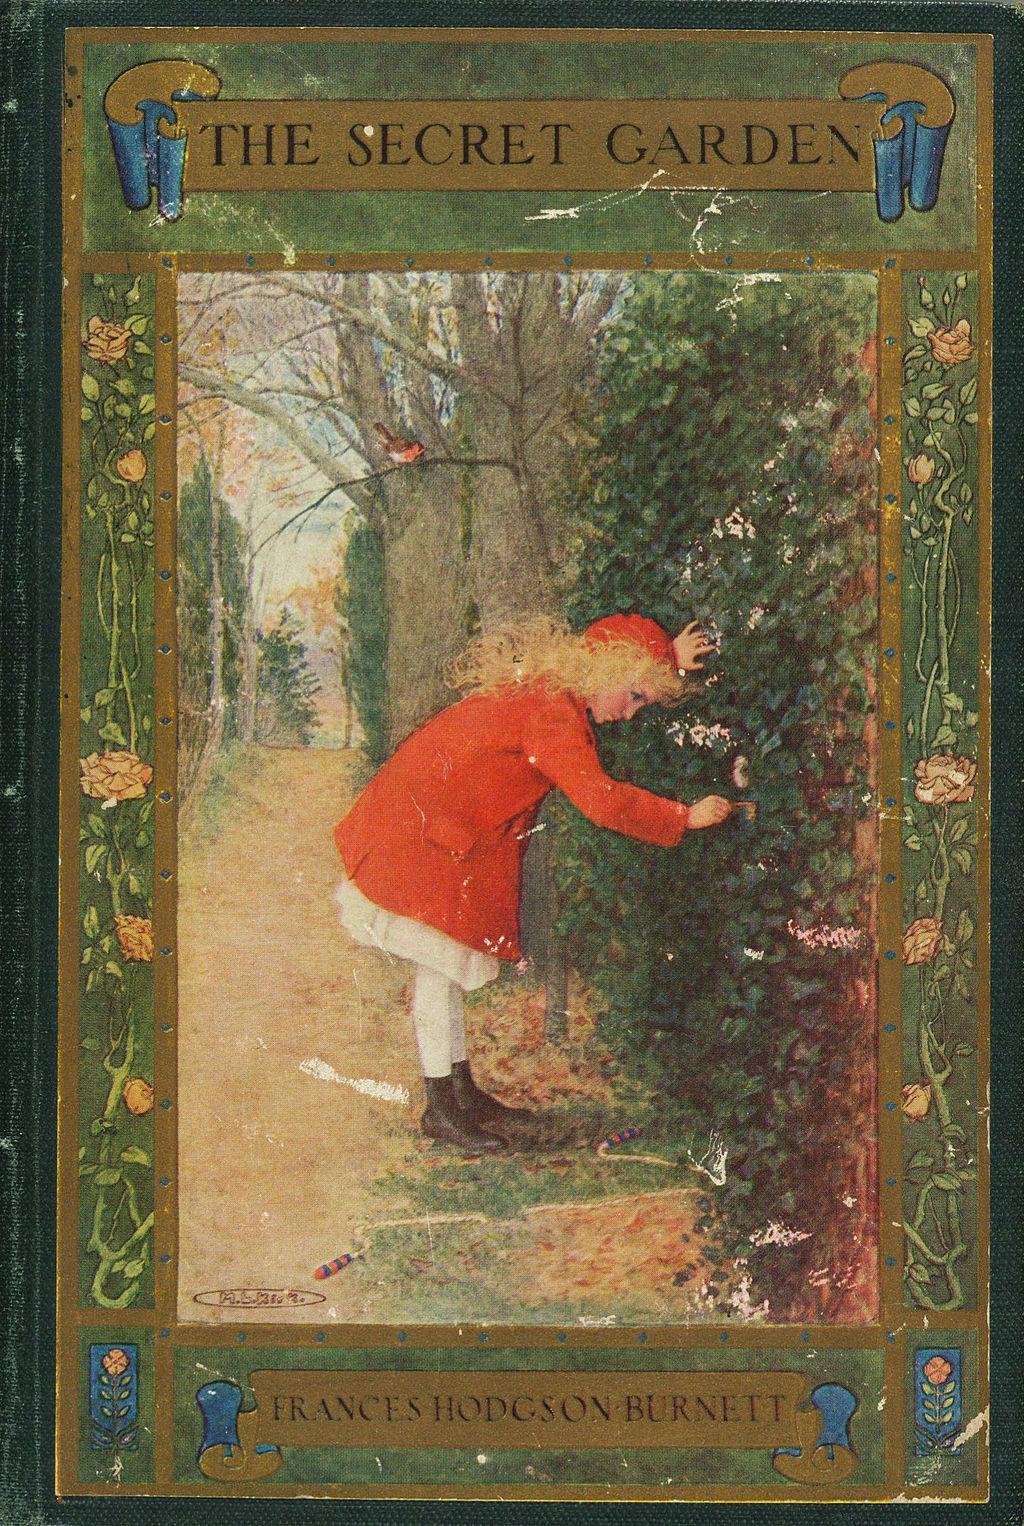 Houghton_AC85_B9345_911s_-_Secret_Garden,_1911_-_cover.jpg